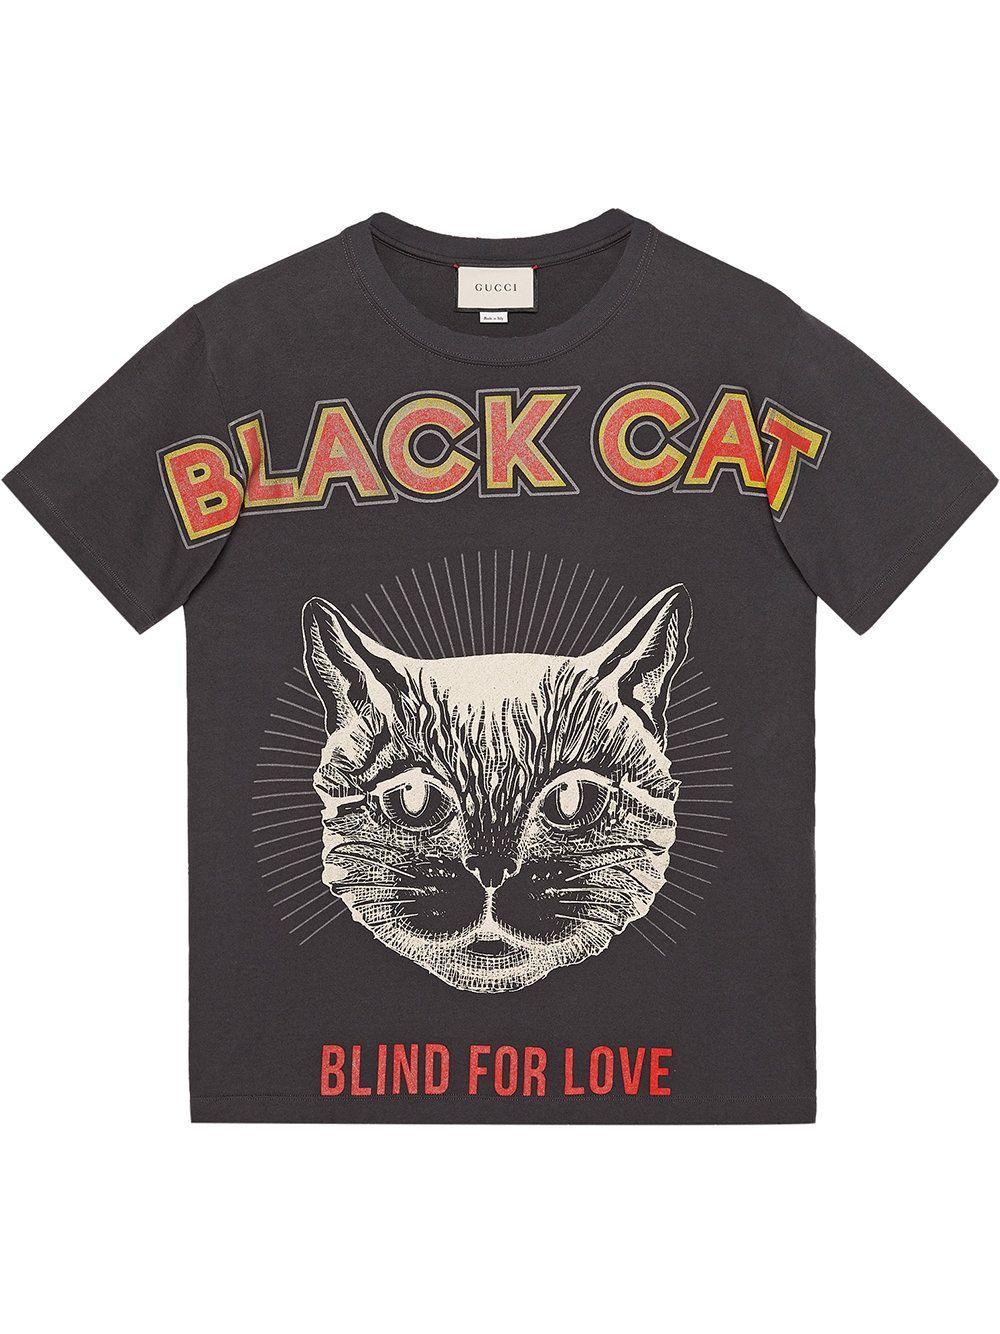 1ec6ceed Gucci Black Cat print T-shirt | Tee in 2019 | Gucci men, Mens ...